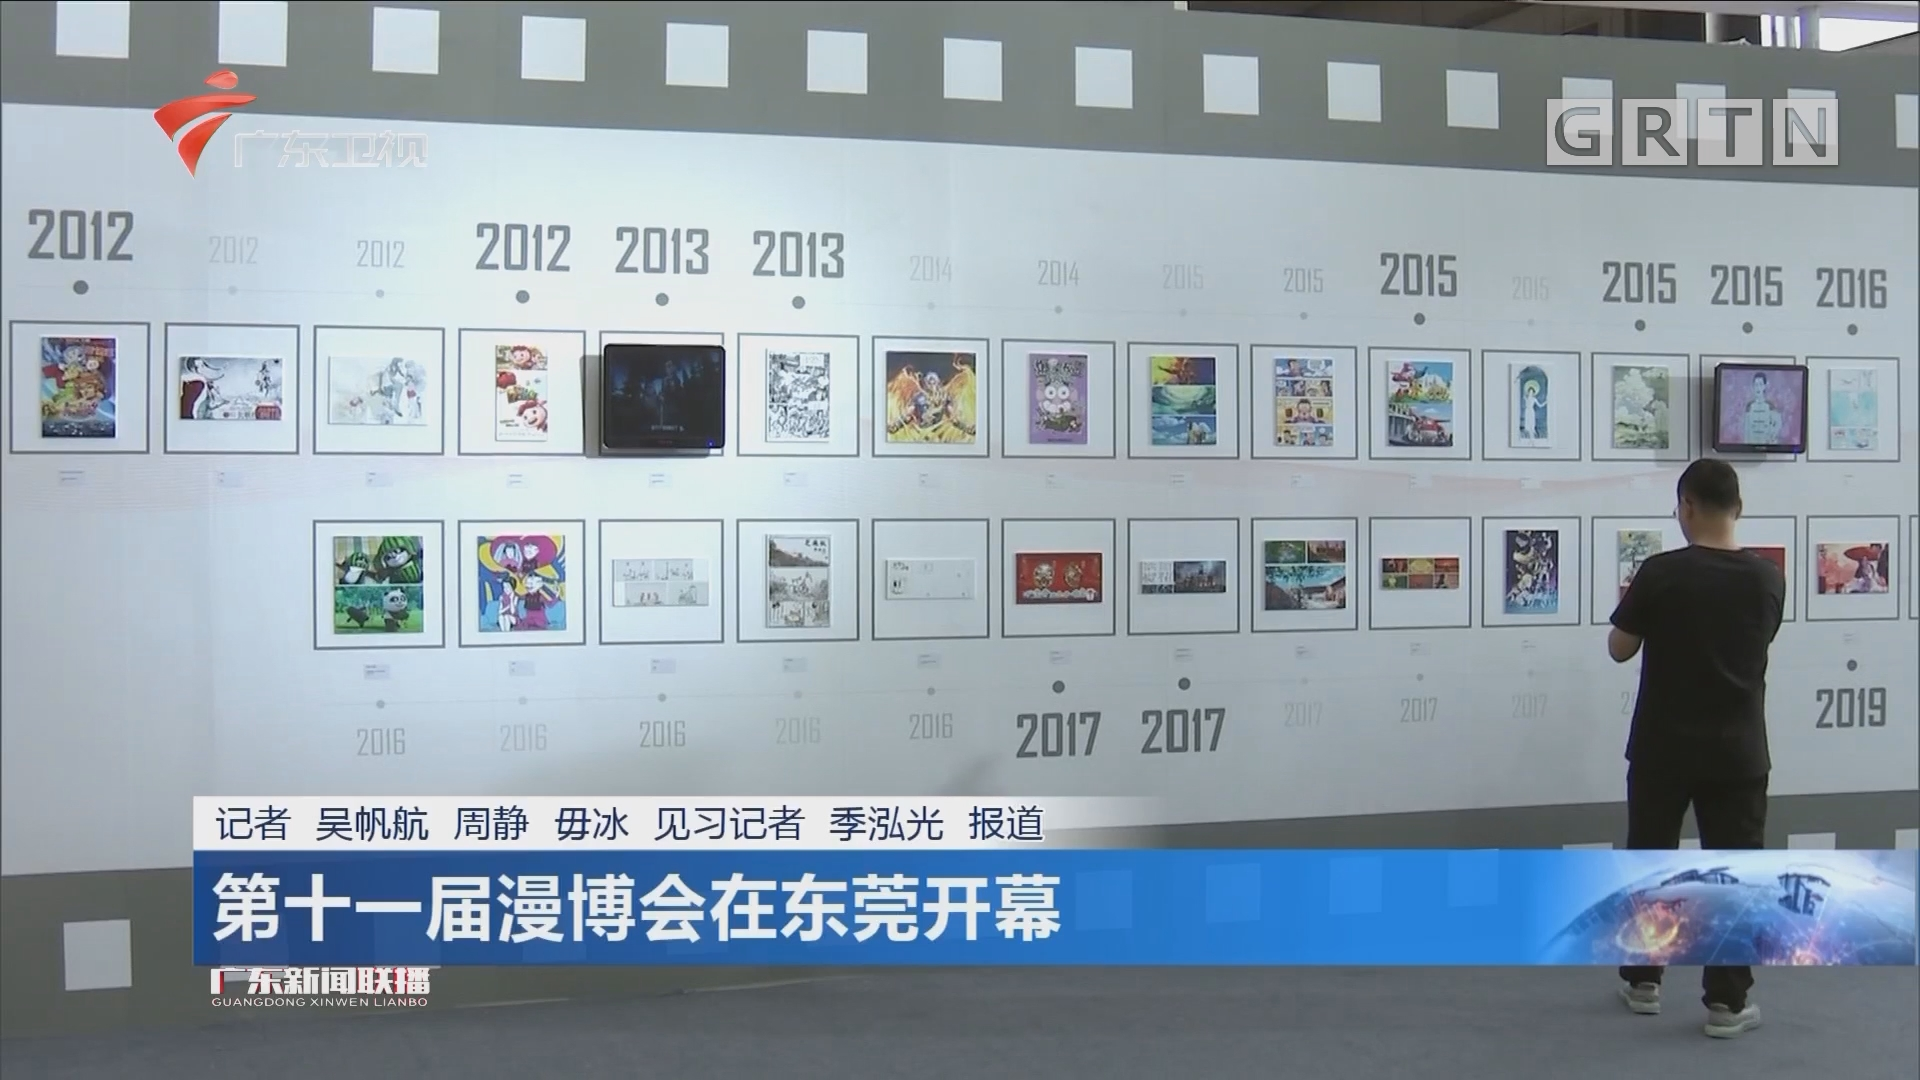 第十一届漫博会在东莞开幕